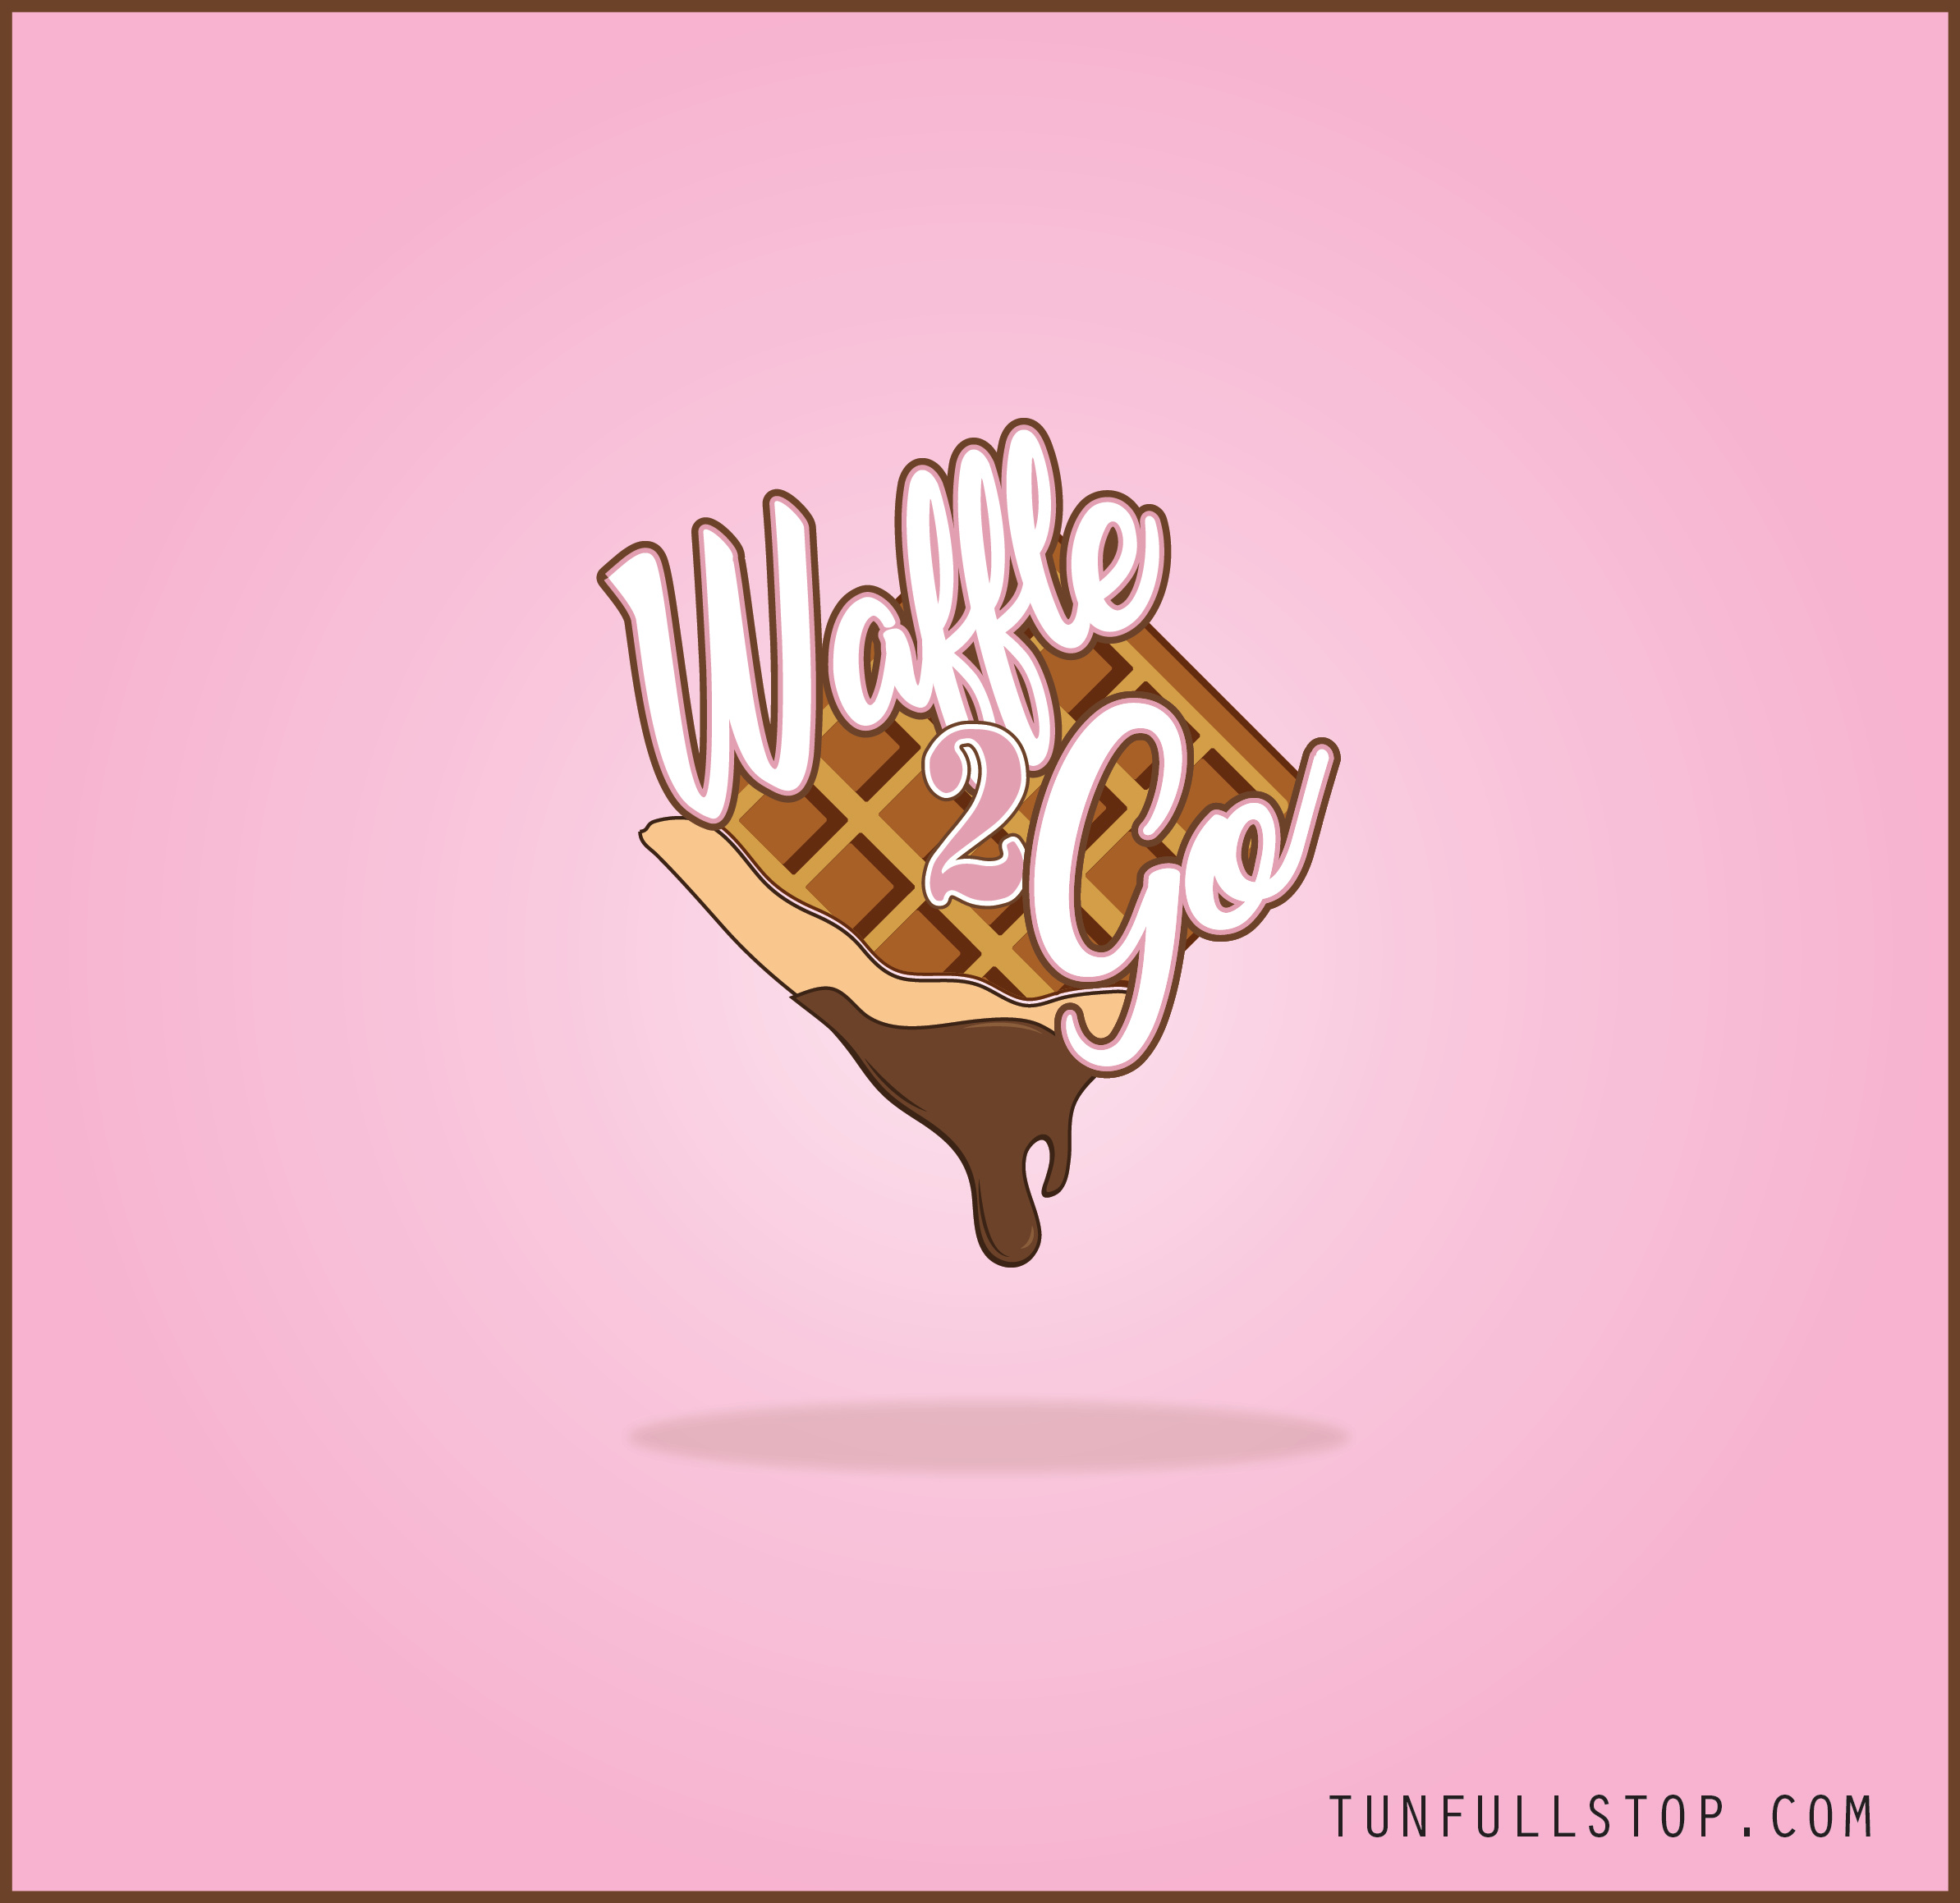 Waffle 2 Go (2017)